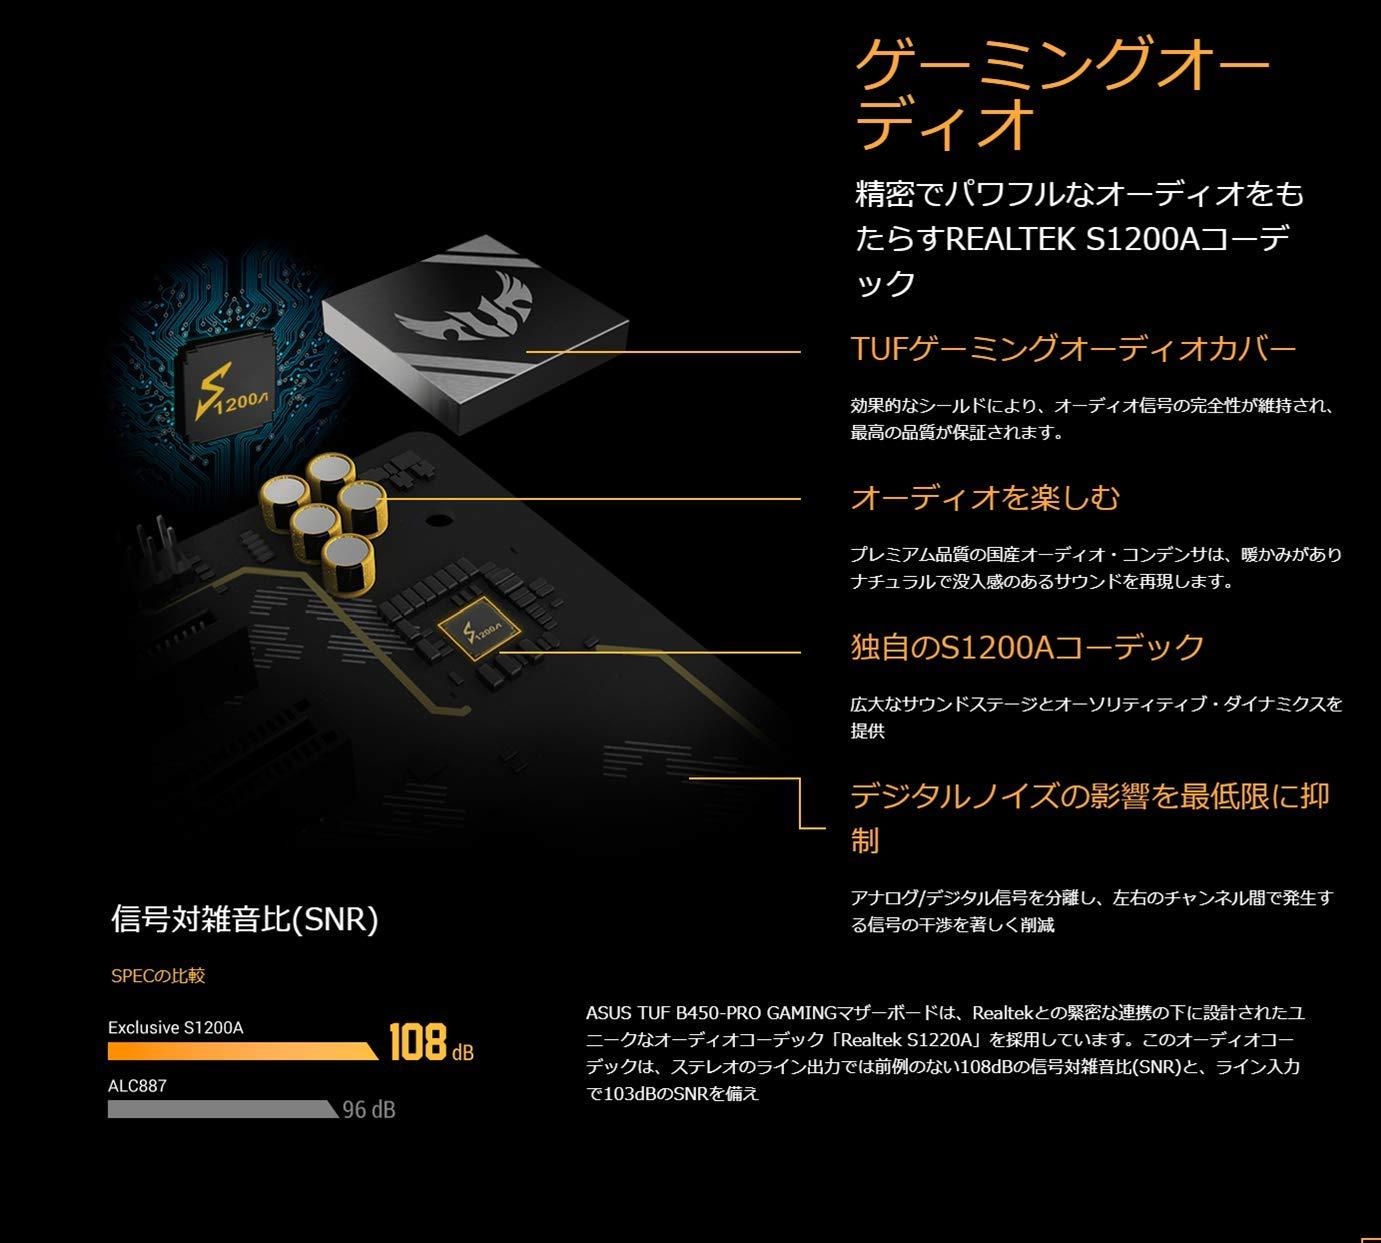 Asus TUF B450-Pro Gaming Motherboard USB 3.1 Gen 2 and Aura Sync RGB Lighting B450 Dual M.2 HDMI ATX AMD Ryzen 3 AM4 DDR4